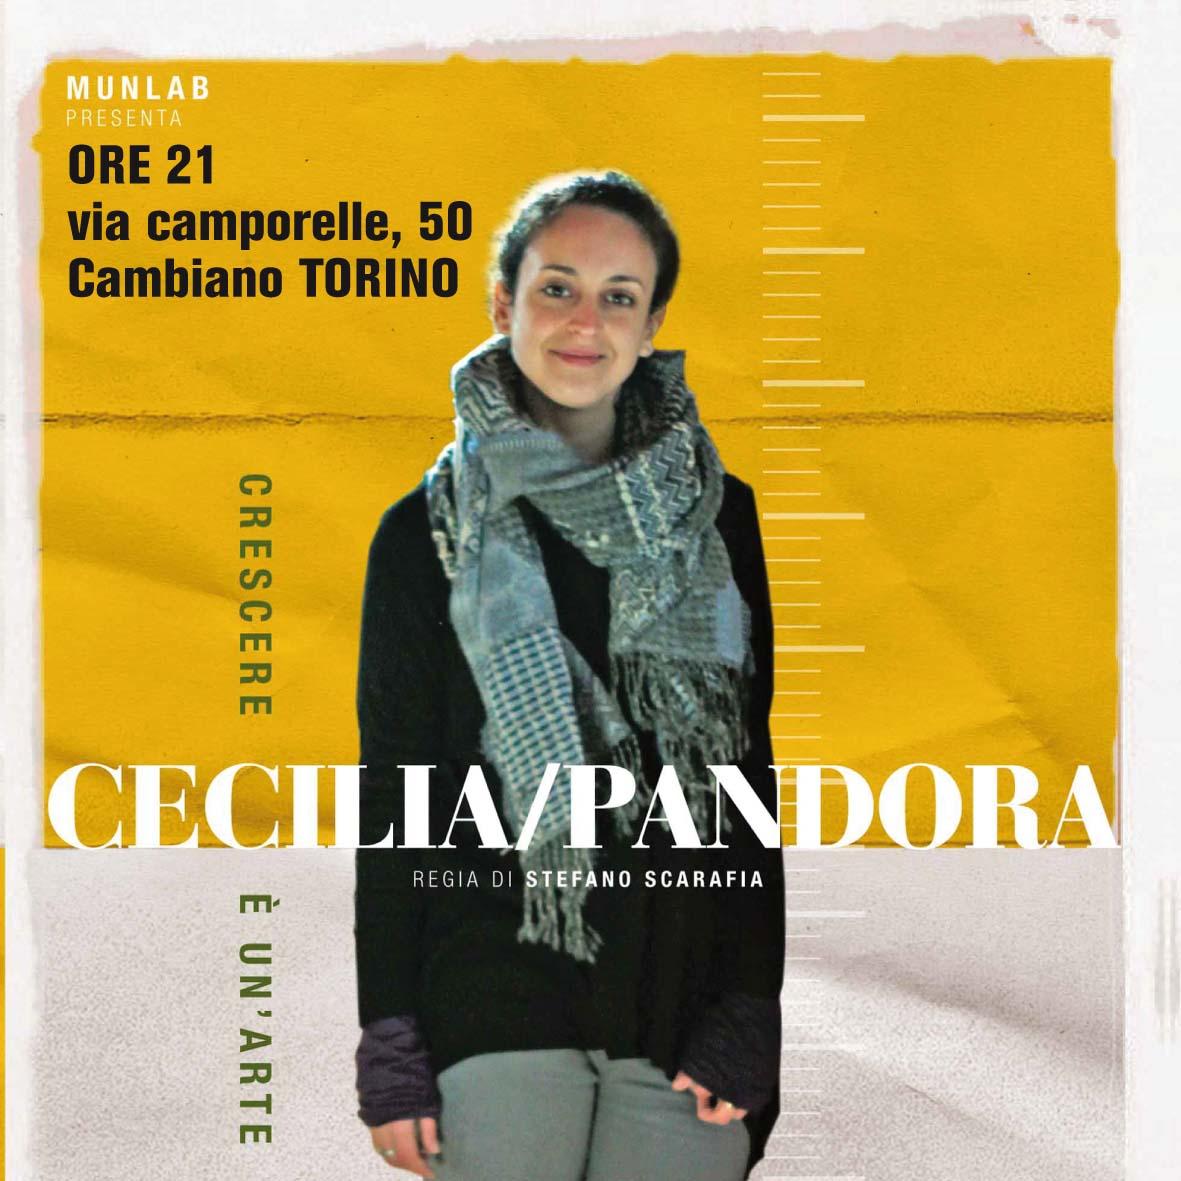 Cecilia/Pandora